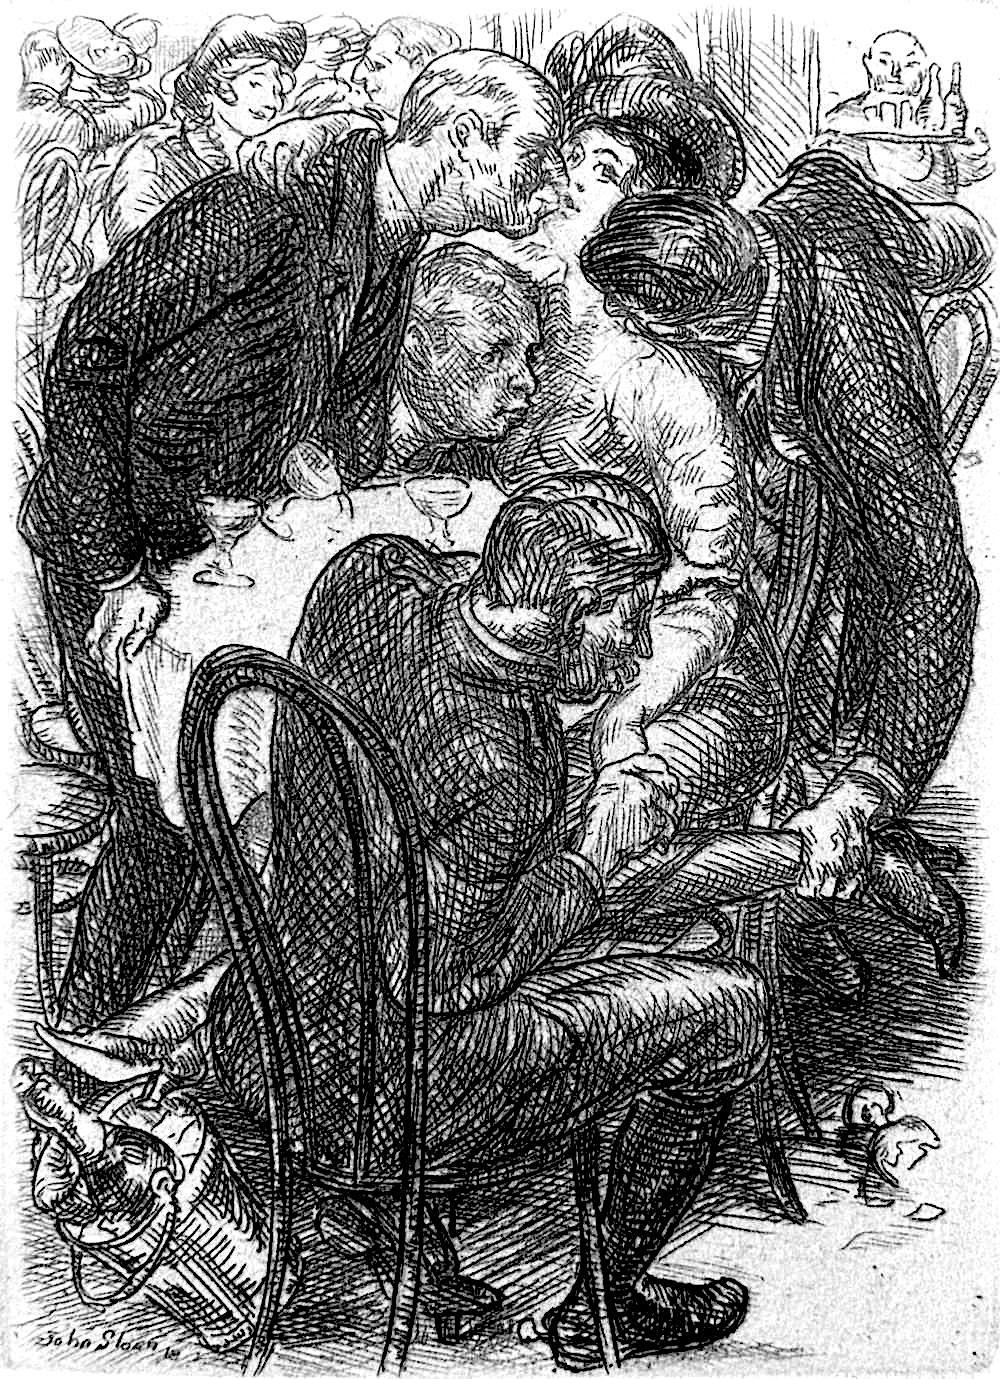 Ja ohn Sloan image of four men loving a sex worker in a public night club